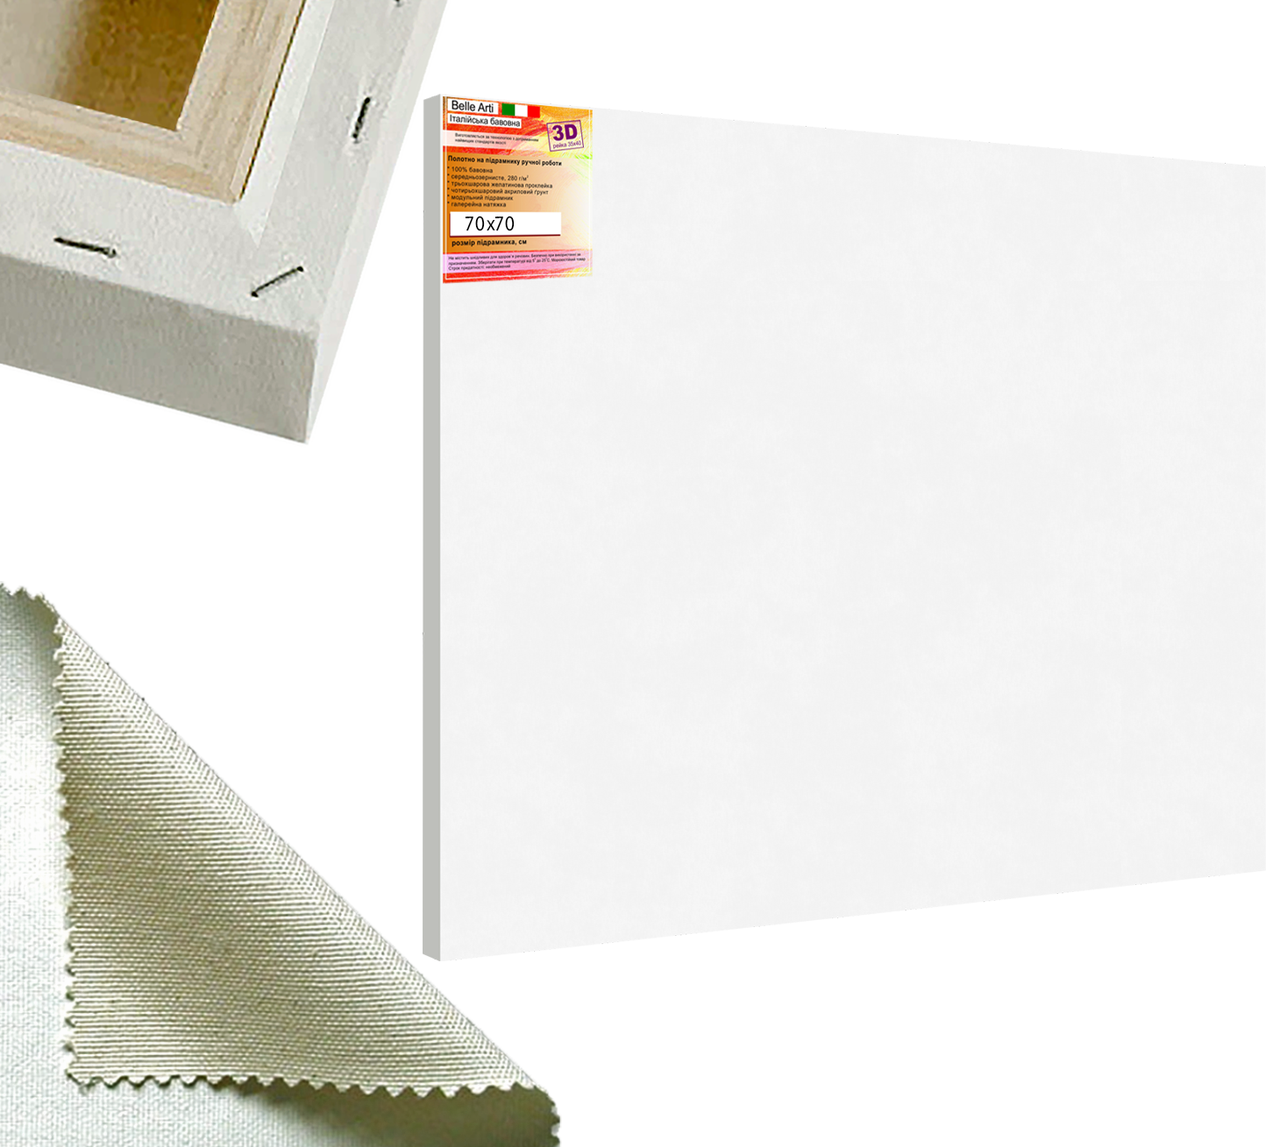 Холст на подрамнике Factura BelleArti 3D 70х70 см Итальянский хлопок 285 грамм кв.м. среднее зерно белый